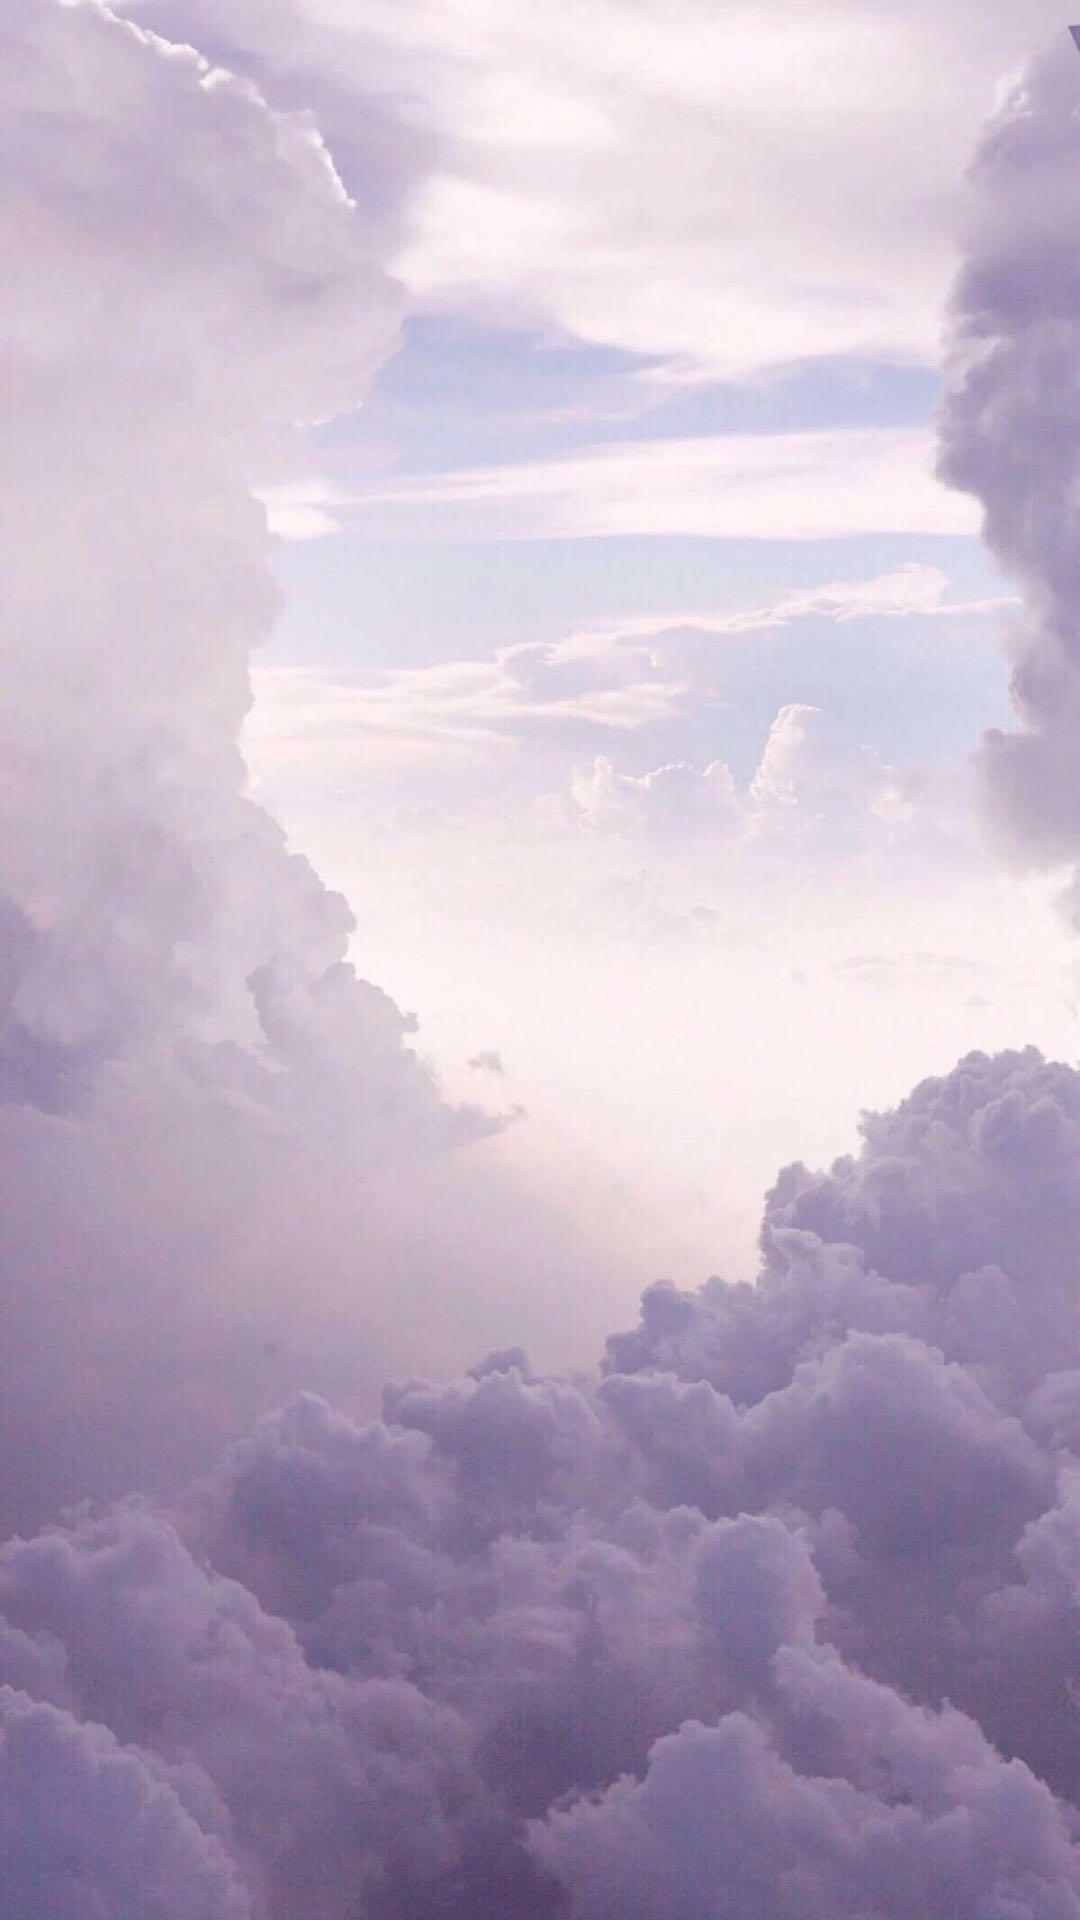 喘息飘在空里像烟